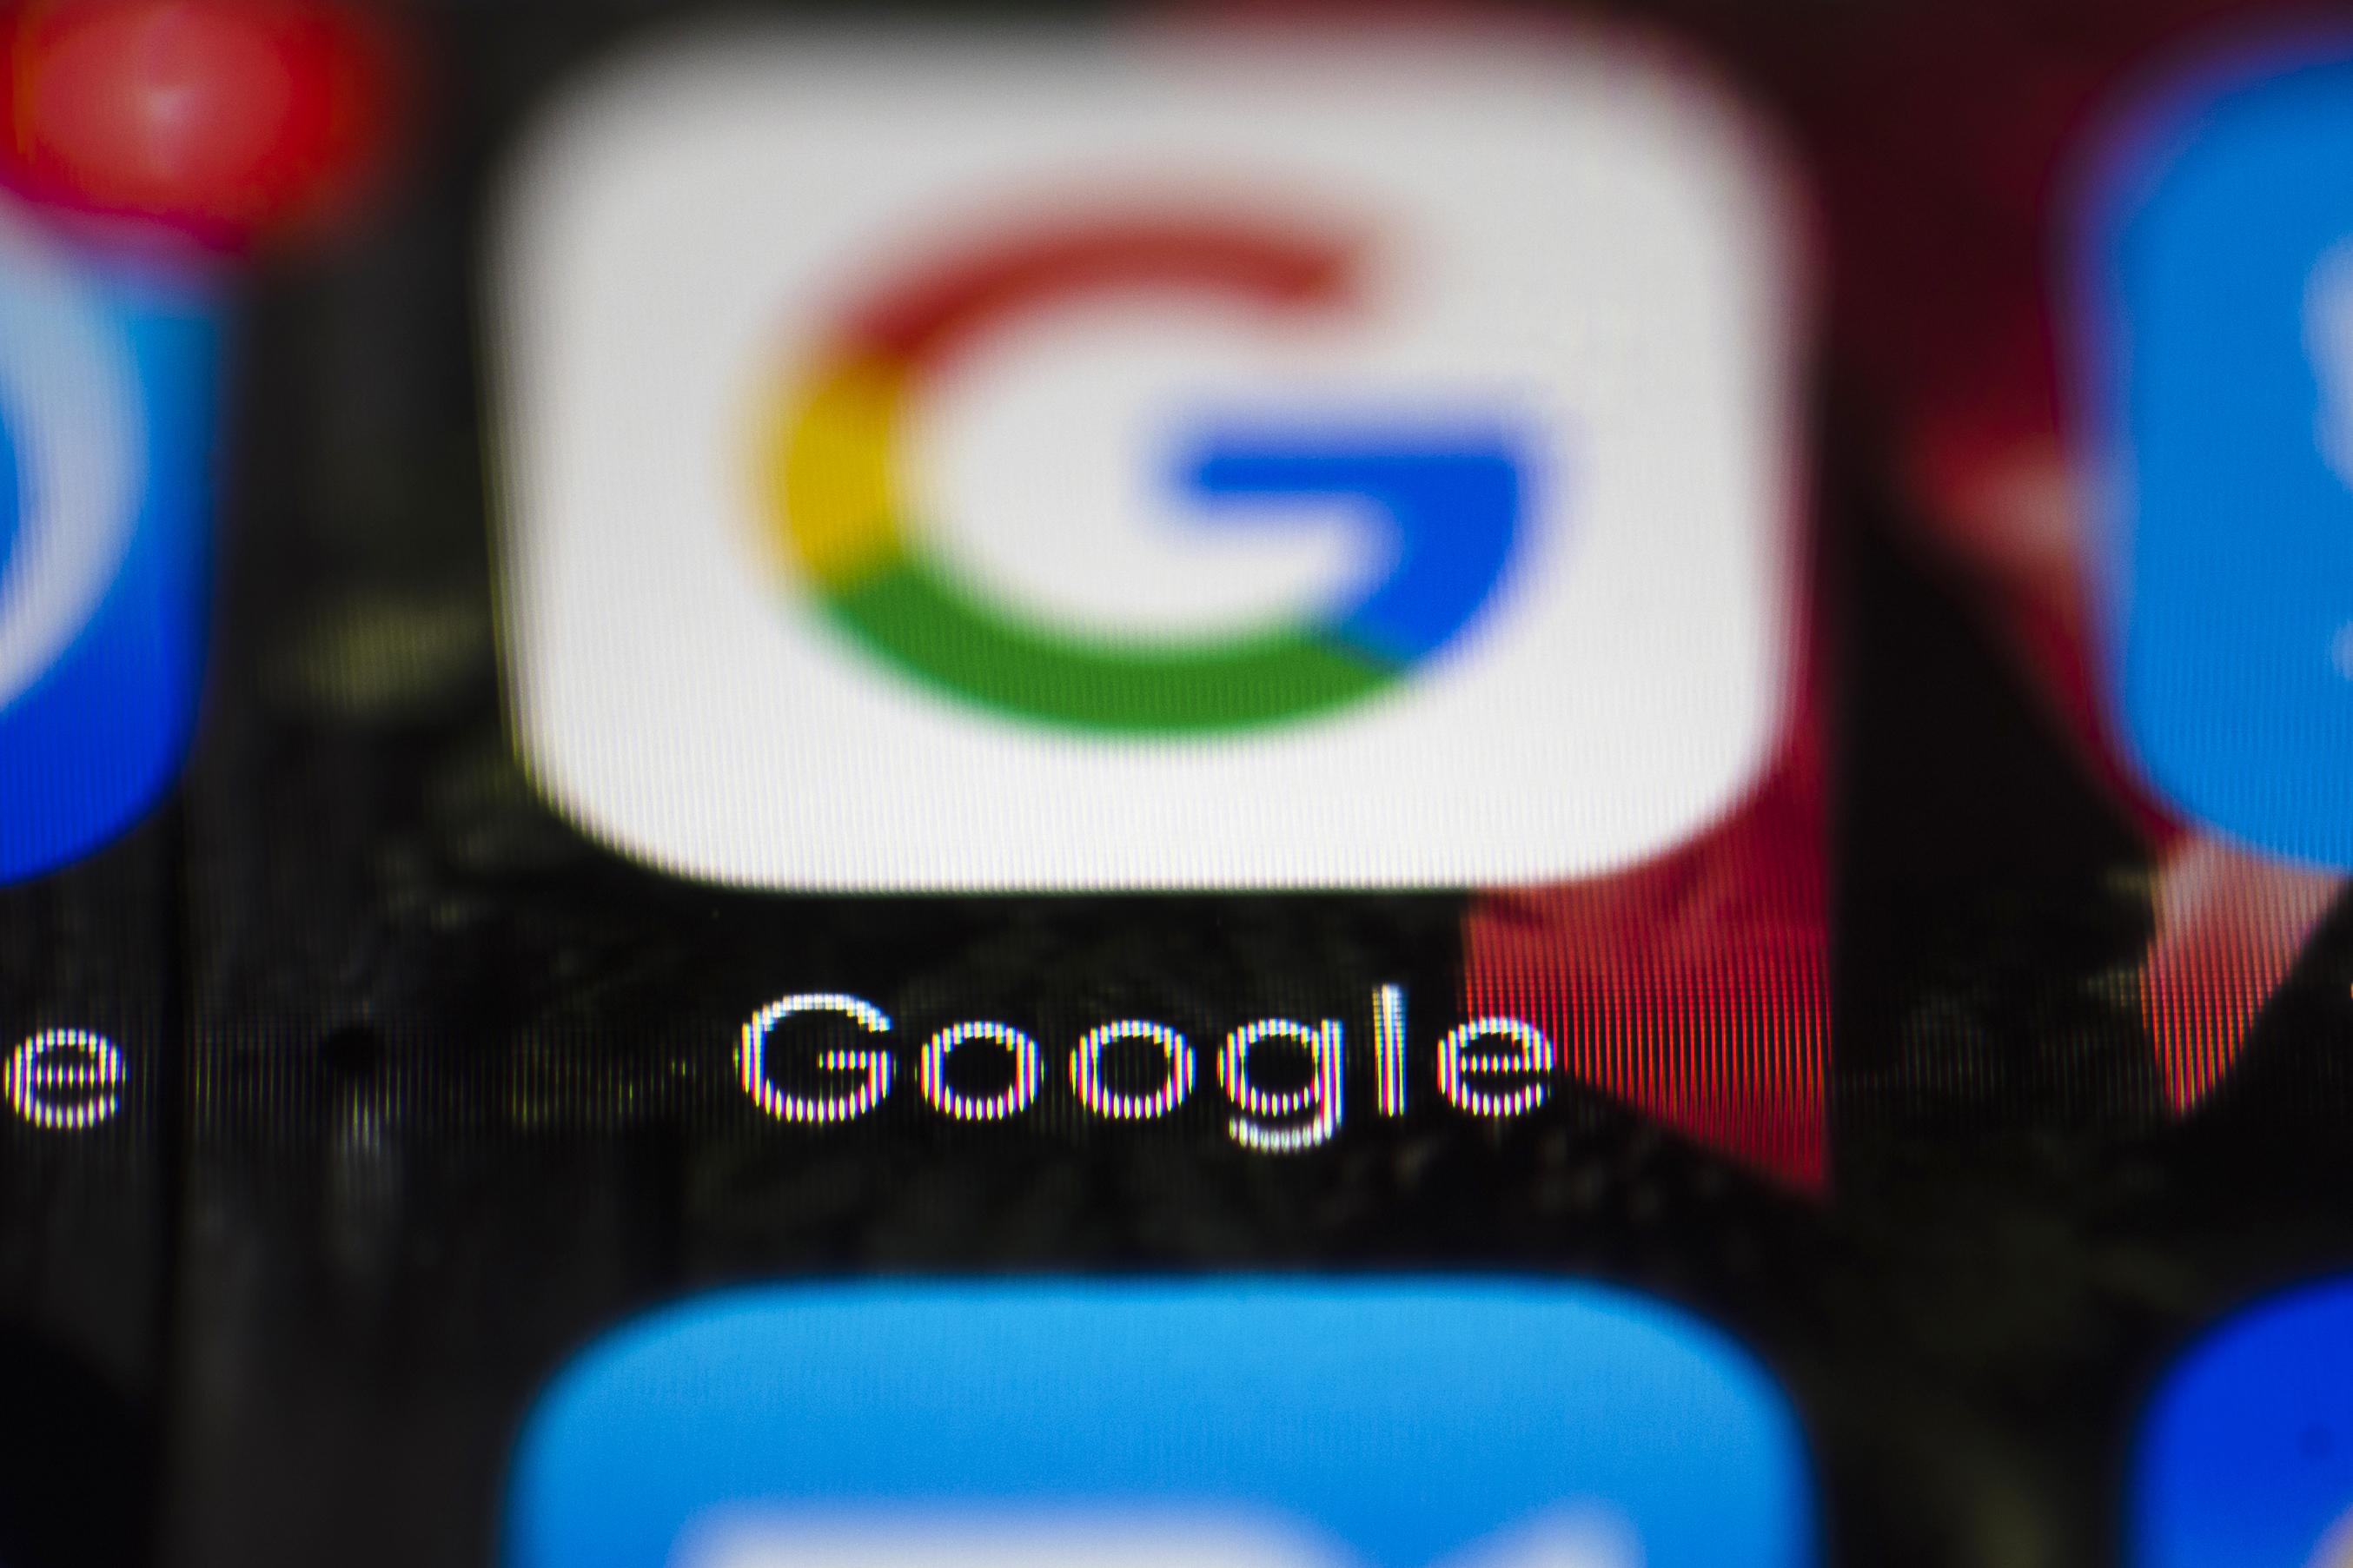 Google bo za evropski trg razdelili licenco za njihove standardne aplikacije iz Chroma in njihov uradni spletni iskalnik Google.